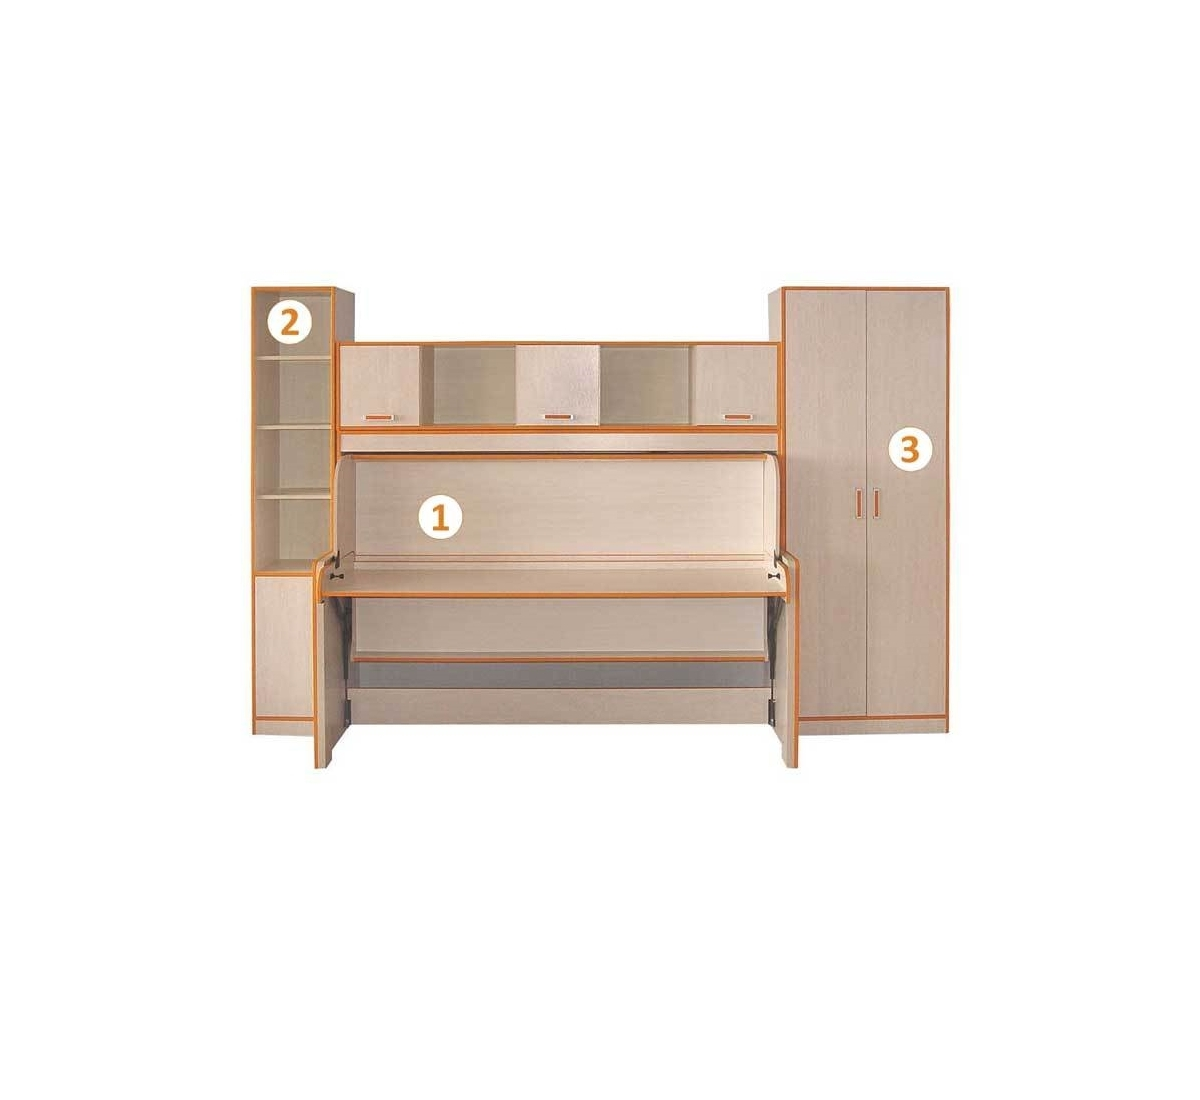 Модель кровати 3 в 1